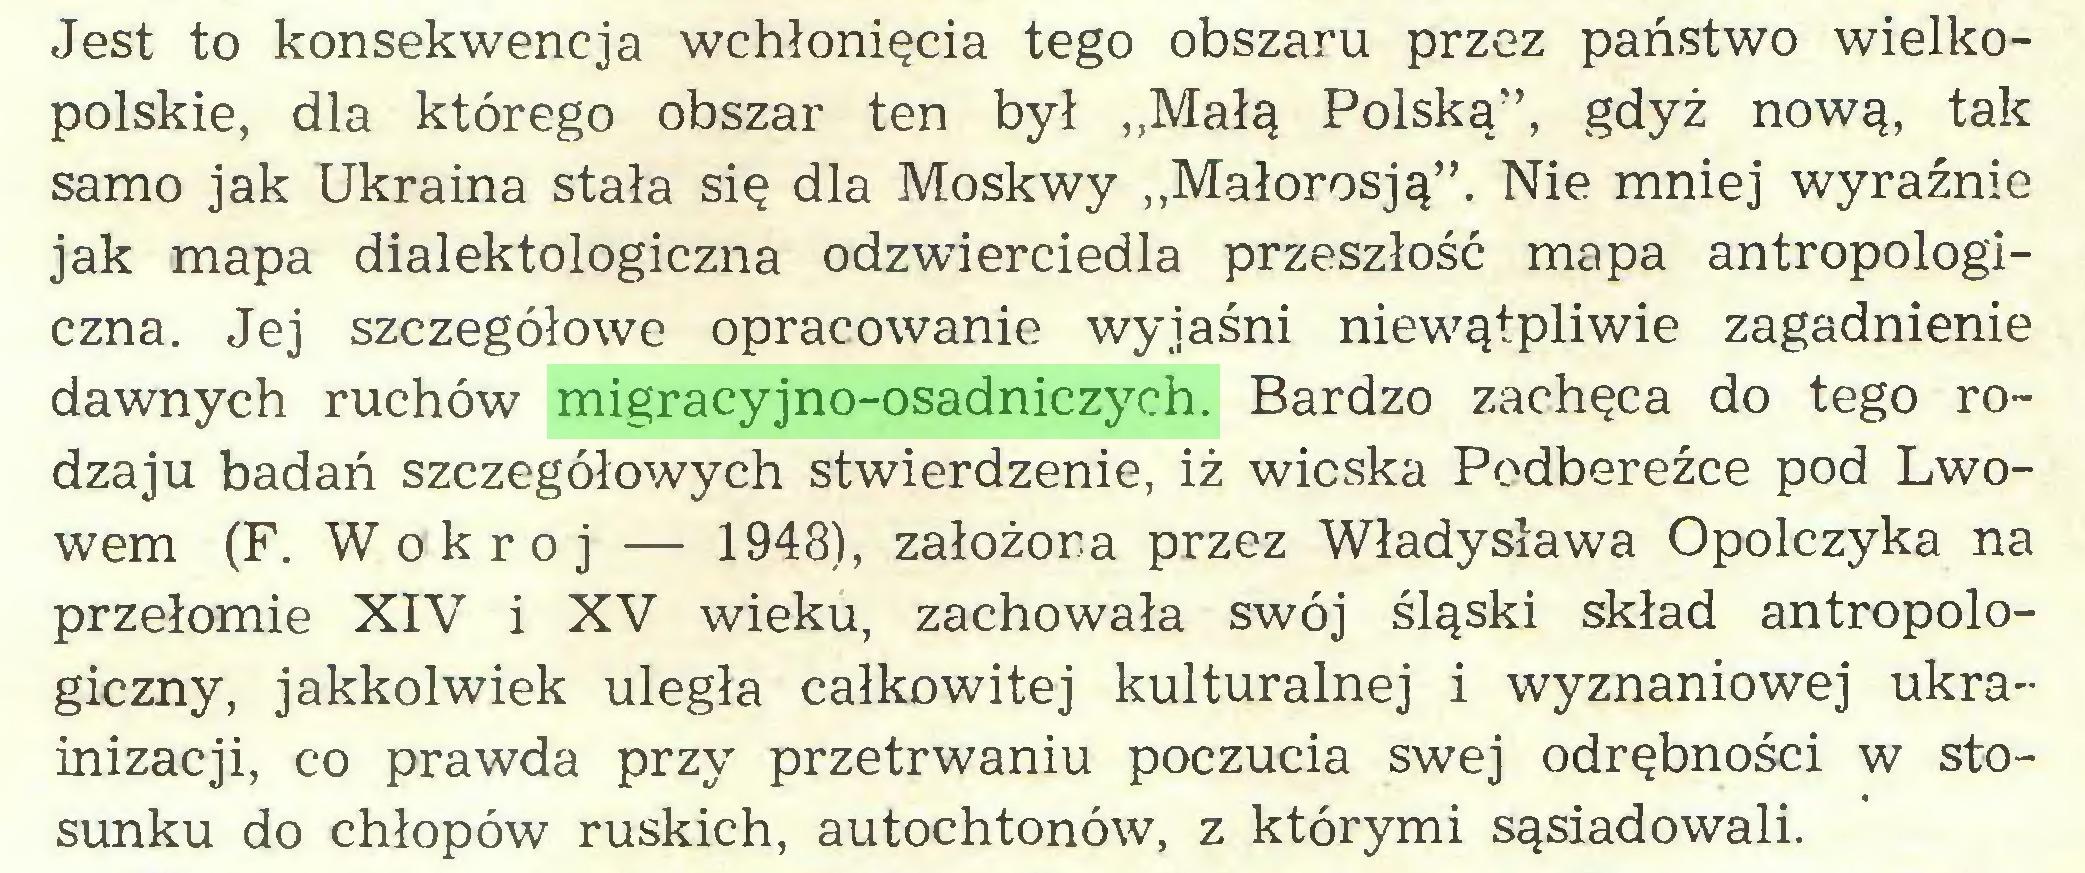 """(...) Jest to konsekwencja wchłonięcia tego obszaru przez państwo wielkopolskie, dla którego obszar ten był ,,Małą Polską"""", gdyż nową, tak samo jak Ukraina stała się dla Moskwy """"Małorosją"""". Nie mniej wyraźnie jak mapa dialektologiczna odzwierciedla przeszłość mapa antropologiczna. Jej szczegółowe opracowanie wyjaśni niewątpliwie zagadnienie dawnych ruchów migracyjno-osadniczych. Bardzo zachęca do tego rodzaju badań szczegółowych stwierdzenie, iż wioska Podbereźce pod Lwowem (F. Wokroj — 1948), założona przez Władysława Opolczyka na przełomie XIV i XV wieku, zachowała swój śląski skład antropologiczny, jakkolwiek uległa całkowitej kulturalnej i wyznaniowej ukrainizacji, co prawda przy przetrwaniu poczucia swej odrębności w stosunku do chłopów ruskich, autochtonów, z którymi sąsiadowali..."""